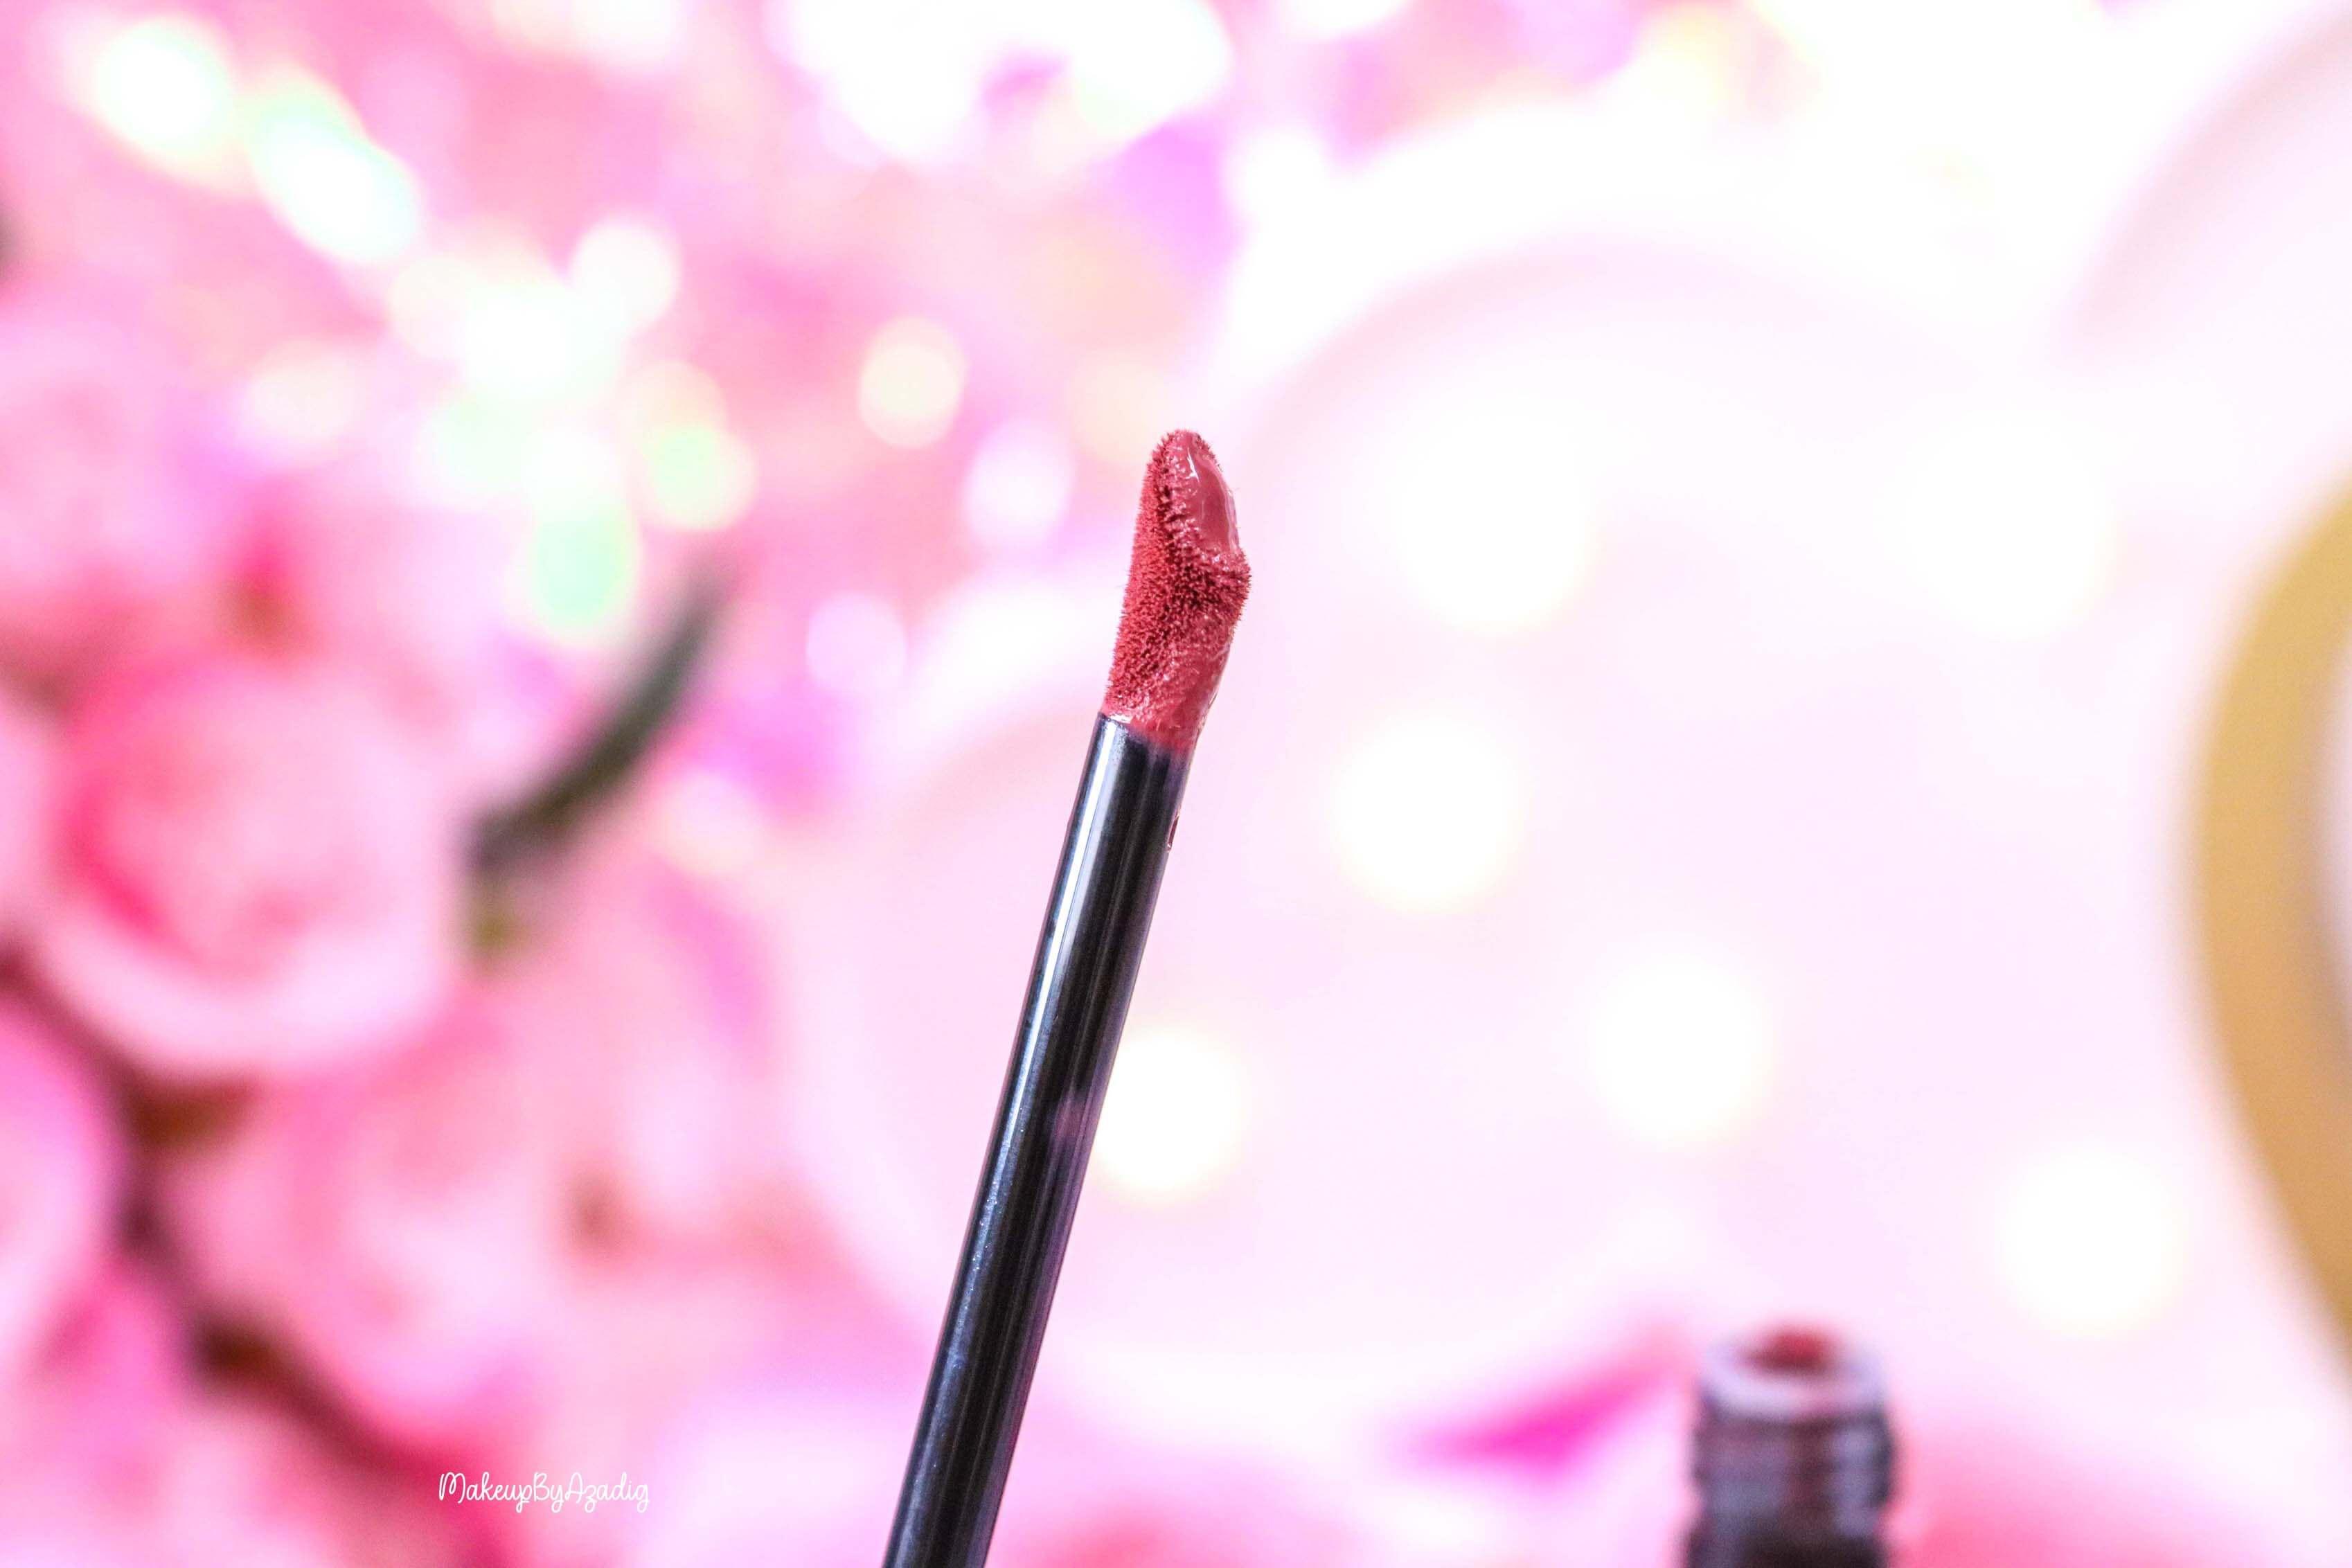 revue-marque-huda-beauty-rouge-a-levres-demi-matte-coffret-avis-prix-sheikha-makeupbyazadig-embout-2